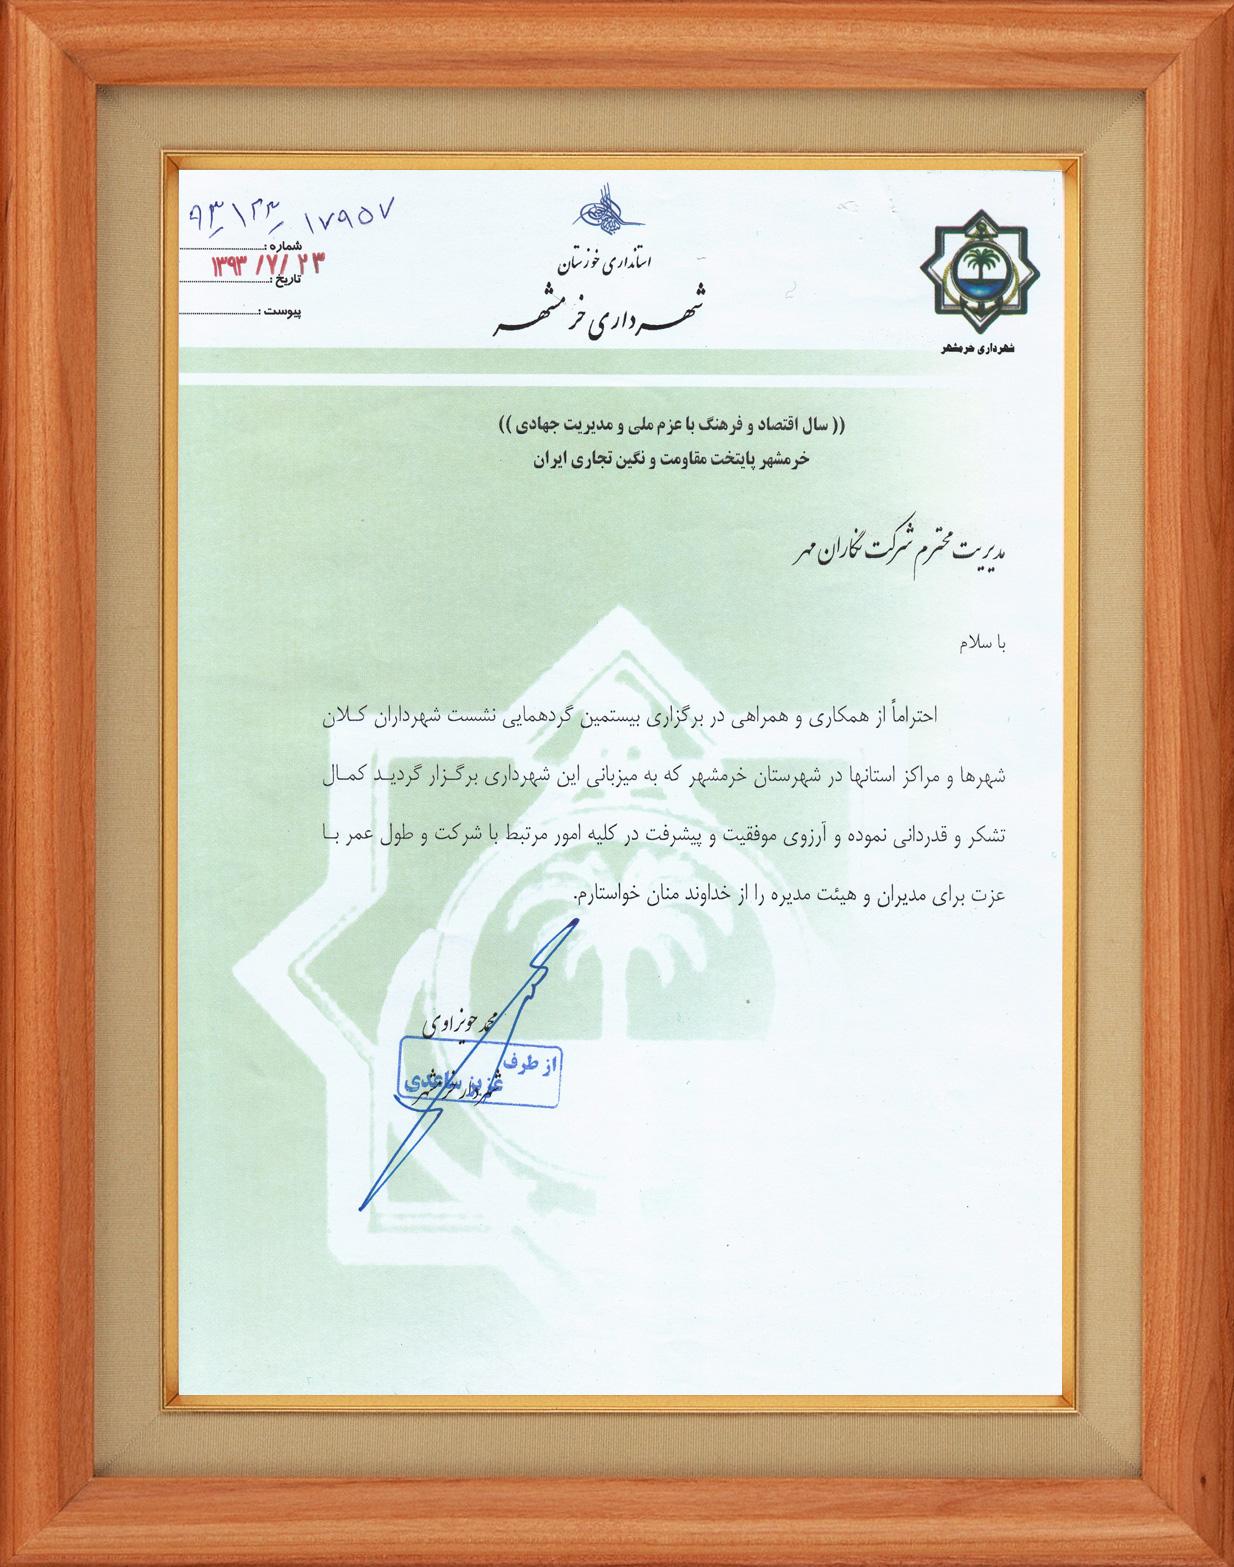 گواهی رضایت مشتری ( شهرداری خرمشهر ) بابت برگزاری بیستمین گردهمایی شهرداران کلانشهرها در خرمشهر